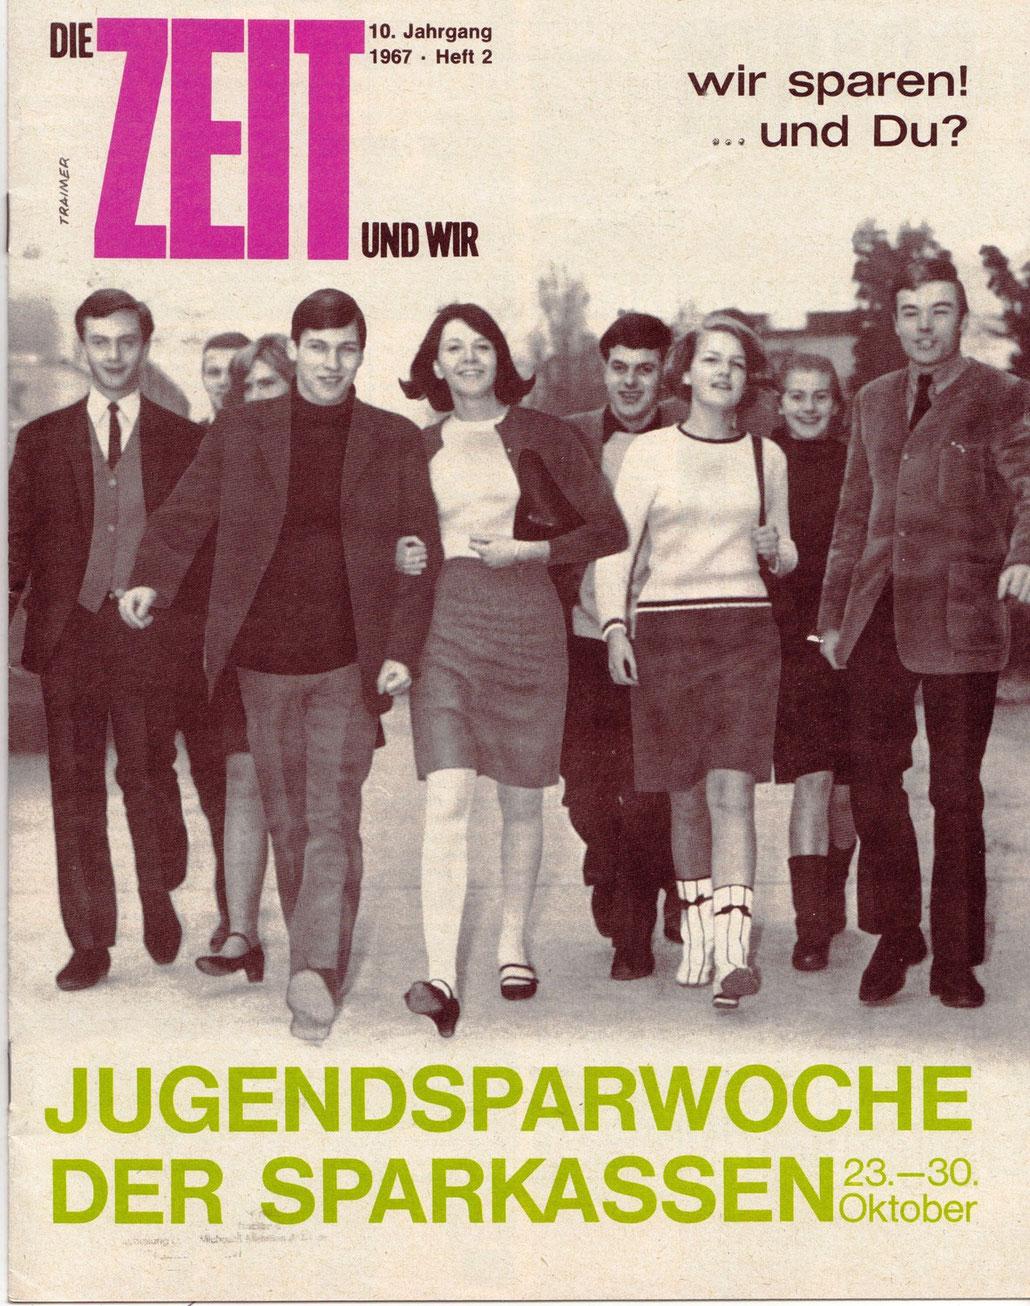 Sparkasse: Weltspartags-Plakat 1967. Wiener Jugendliche marschieren. Jugendsparwoche.